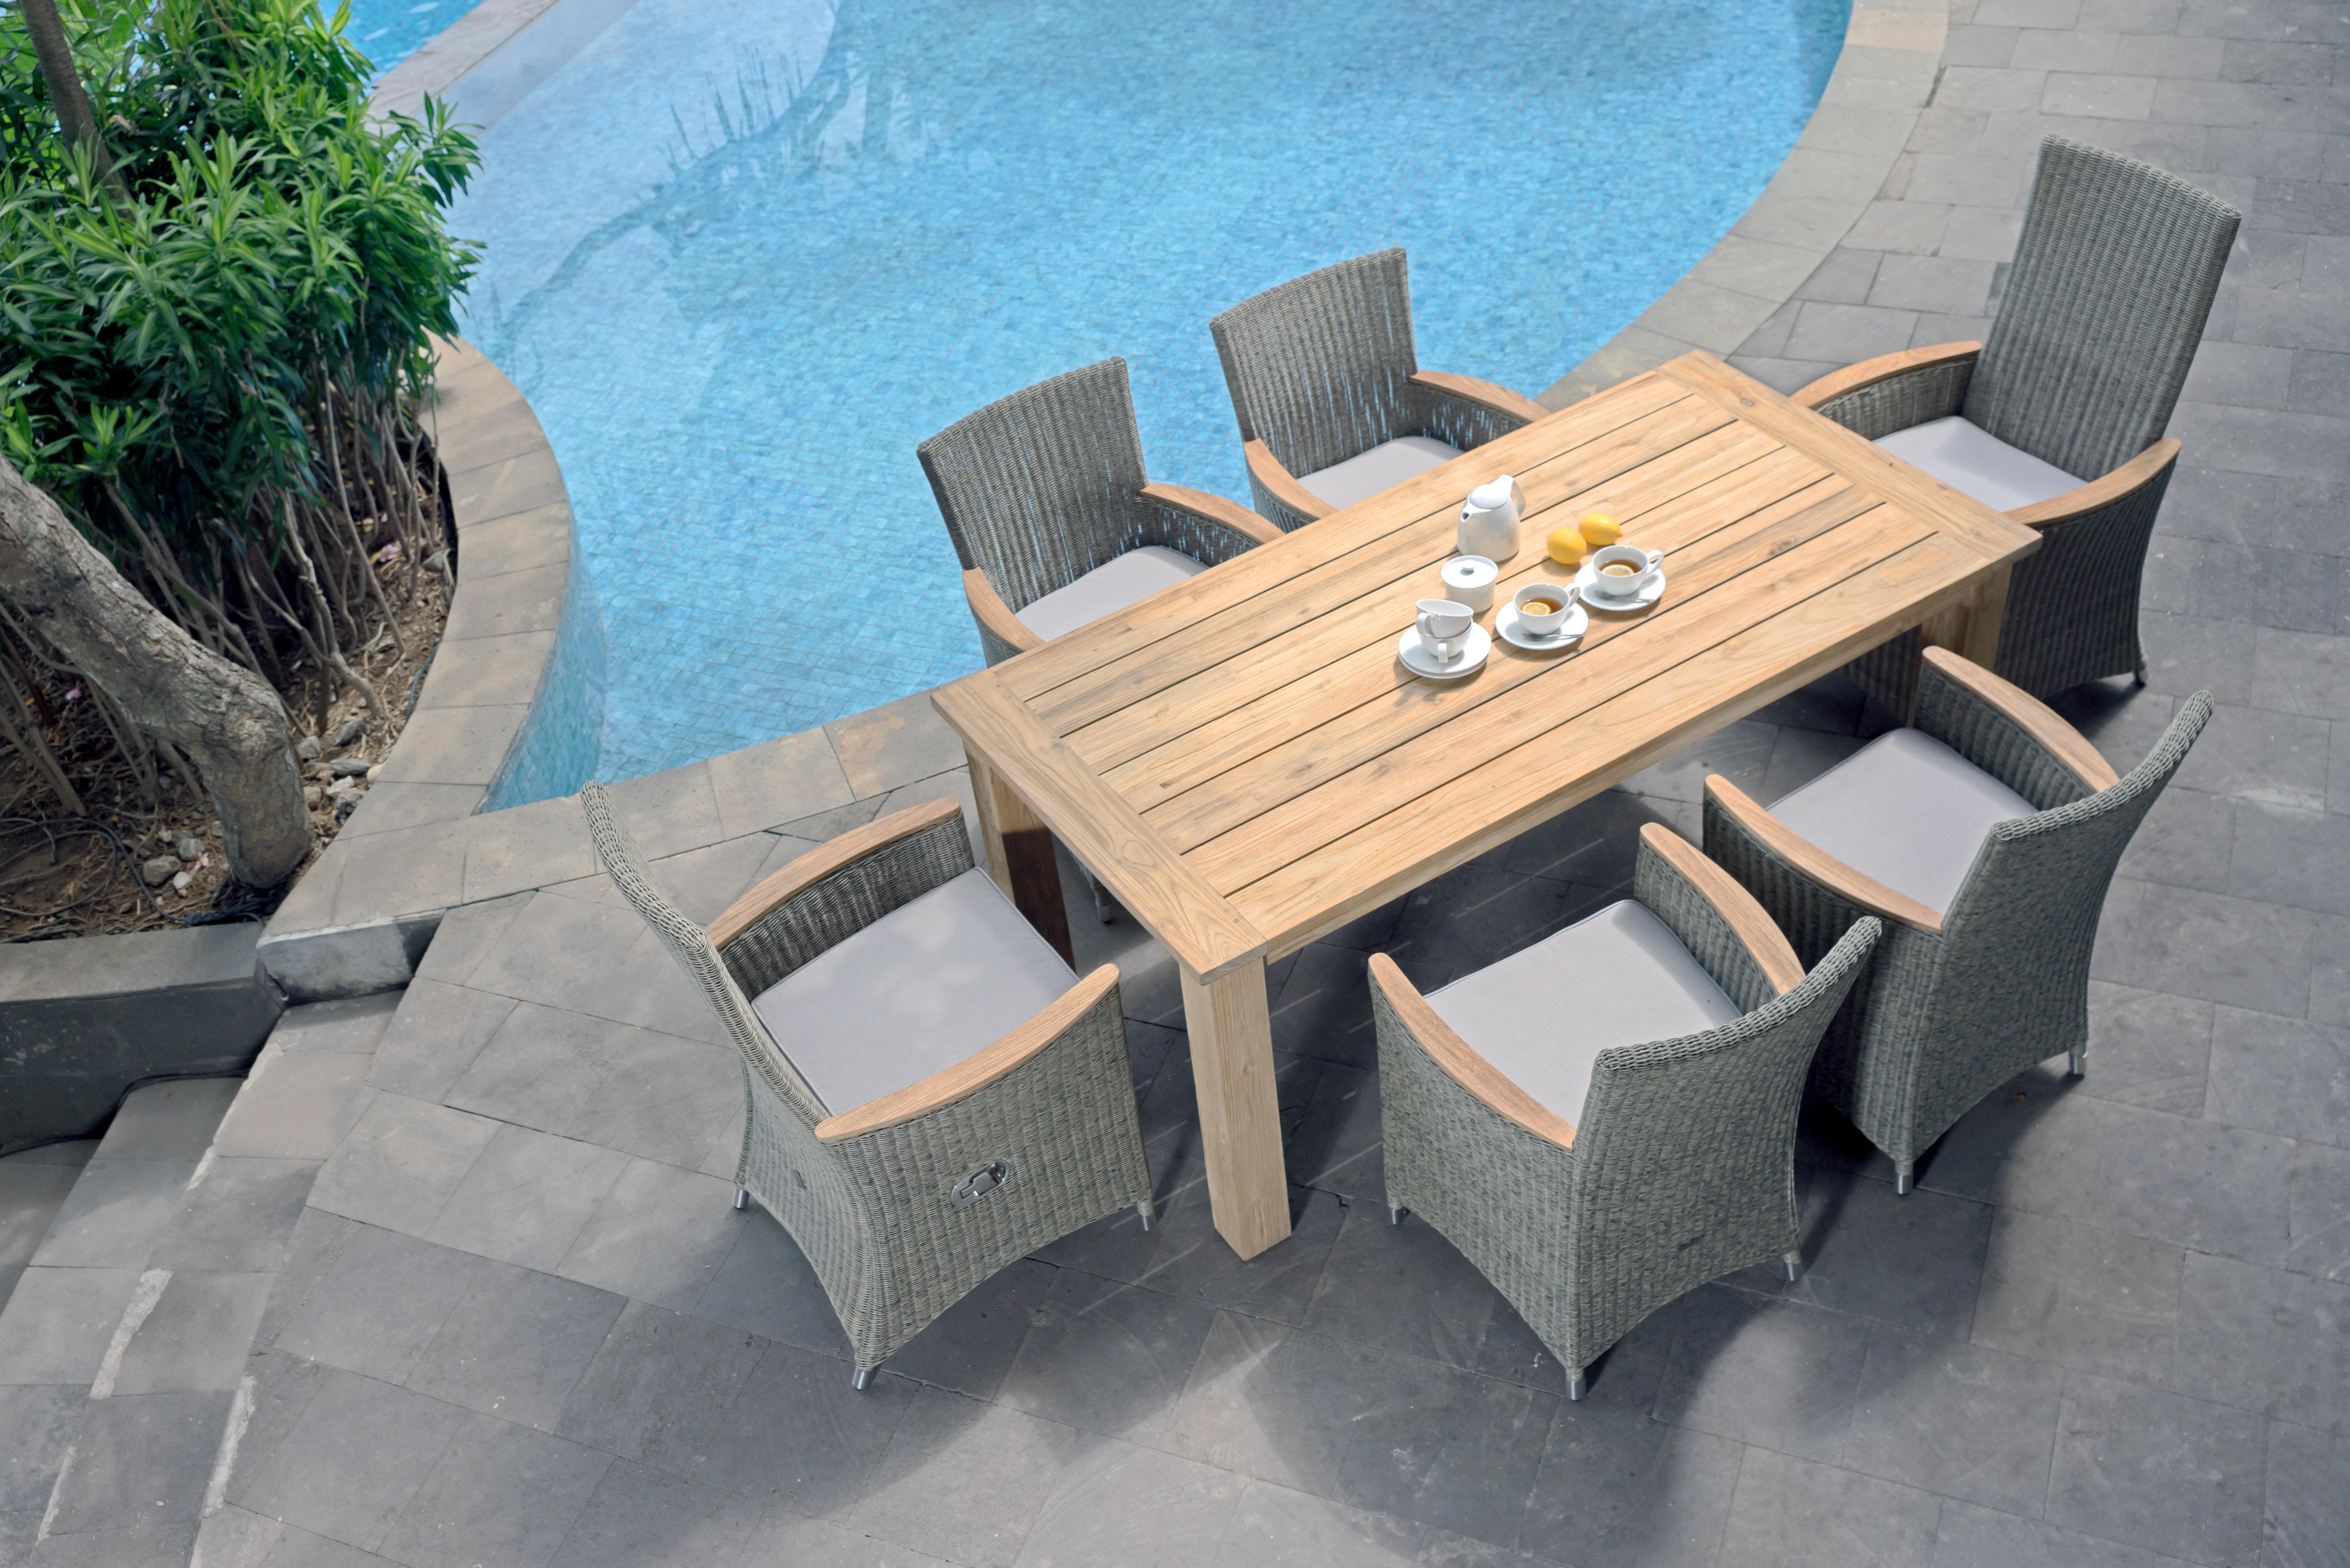 Zebra Gartenmöbel-Set Oskar-Status Grey-Black: Tischdekoration gehört nicht zum Lieferumfang.